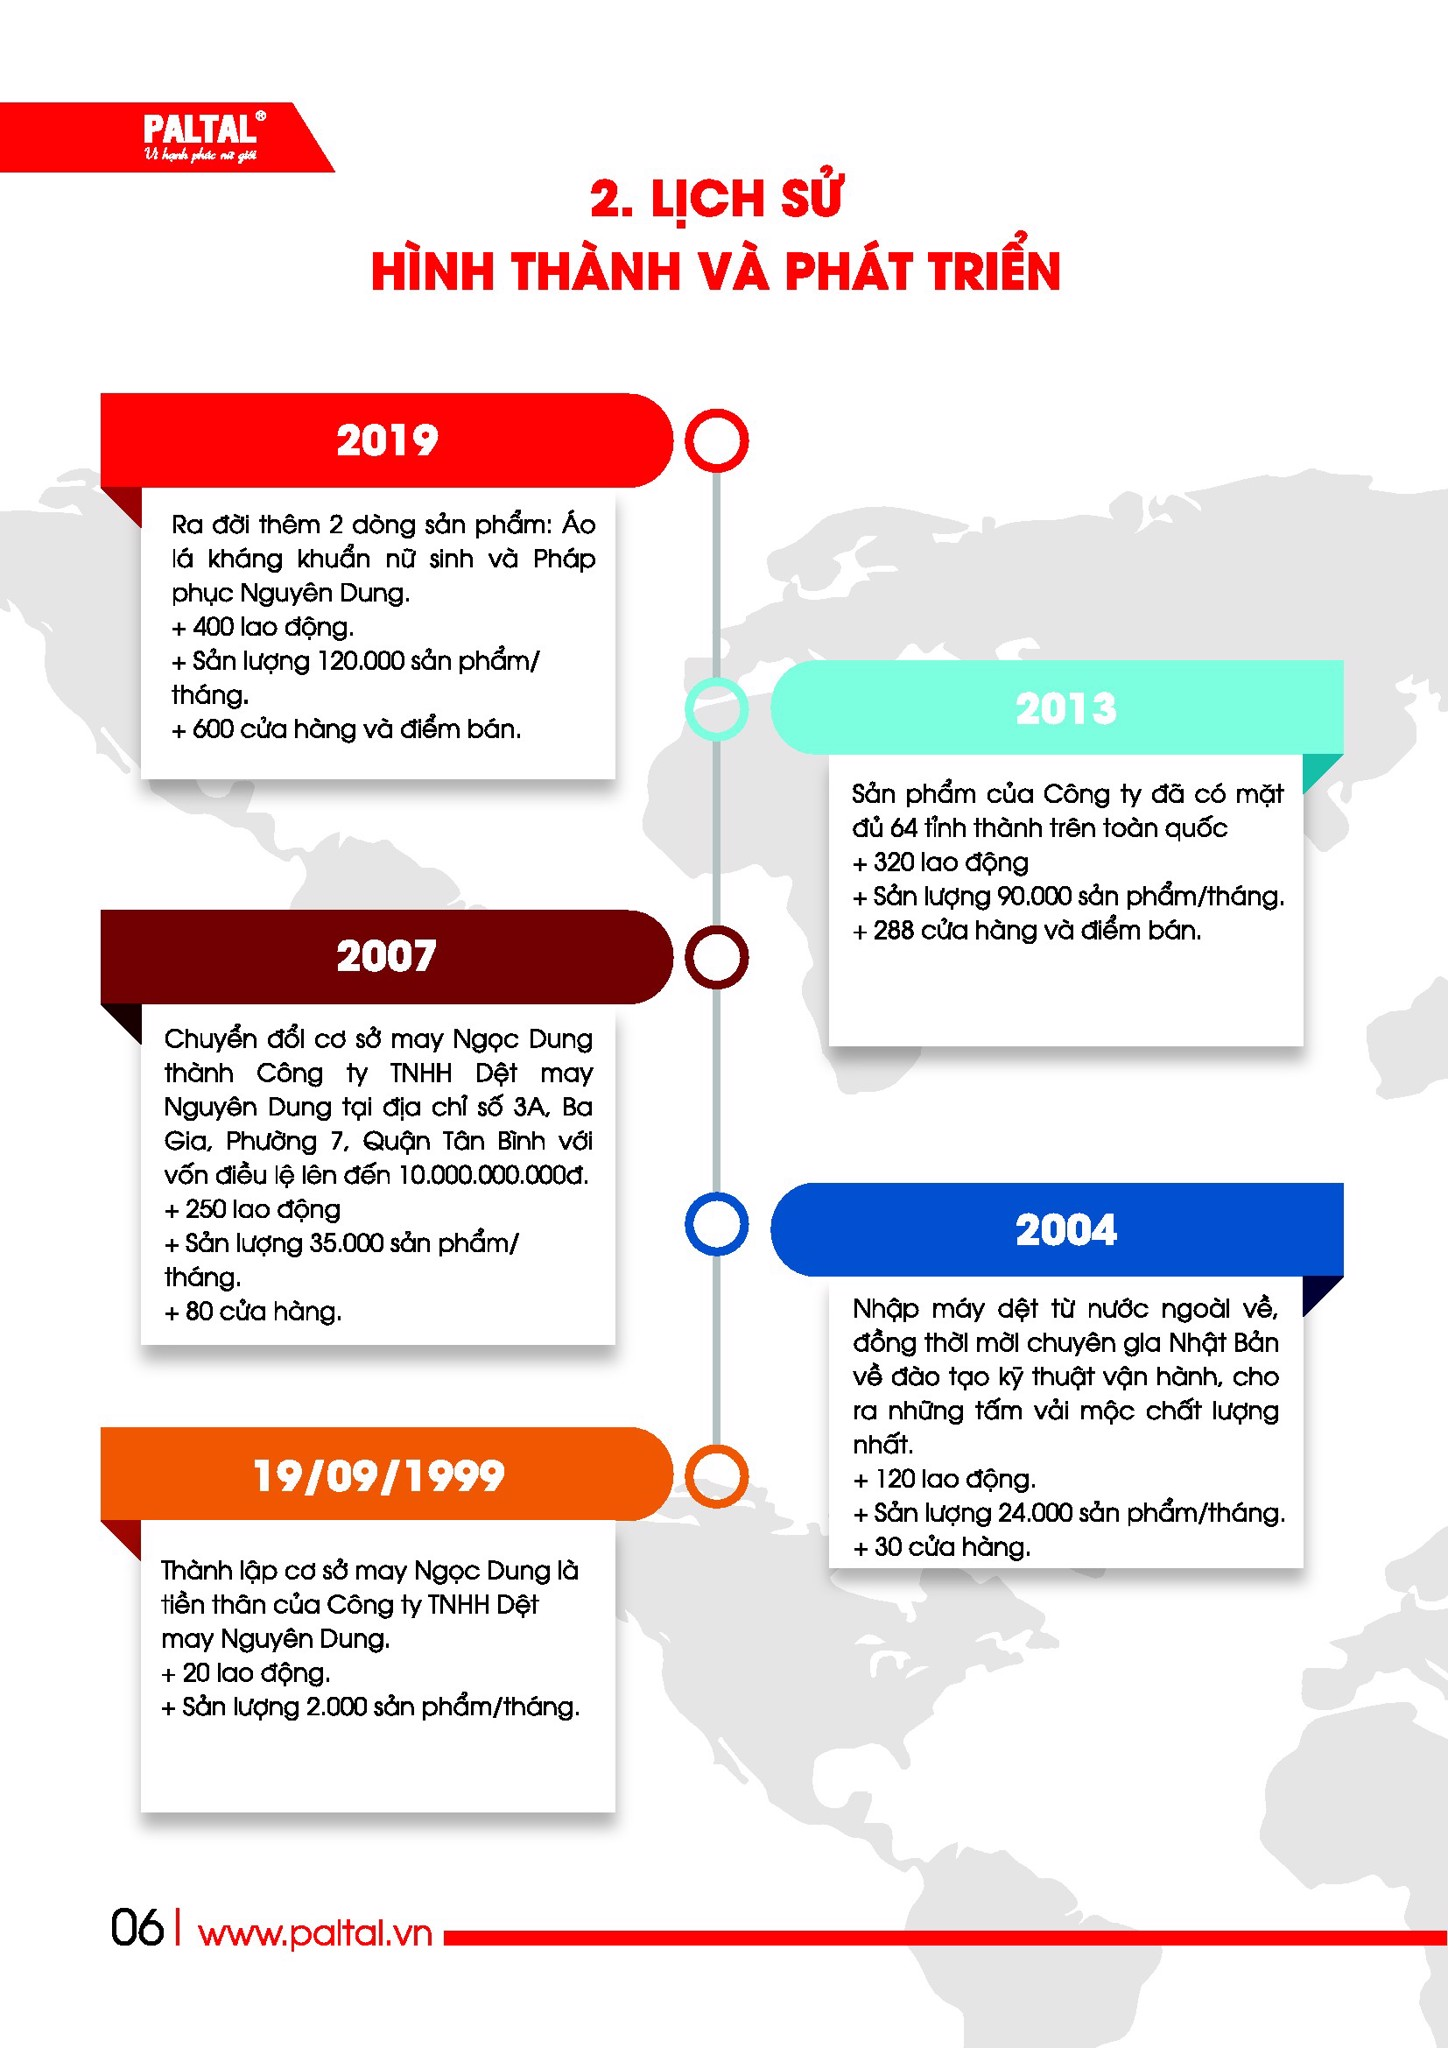 Hồ sơ năng lực công ty dệt may Nguyên Dung - Nhà máy sản xuất thời trang theo quy trình khép kín, chất lượng, uy tín từ 1999